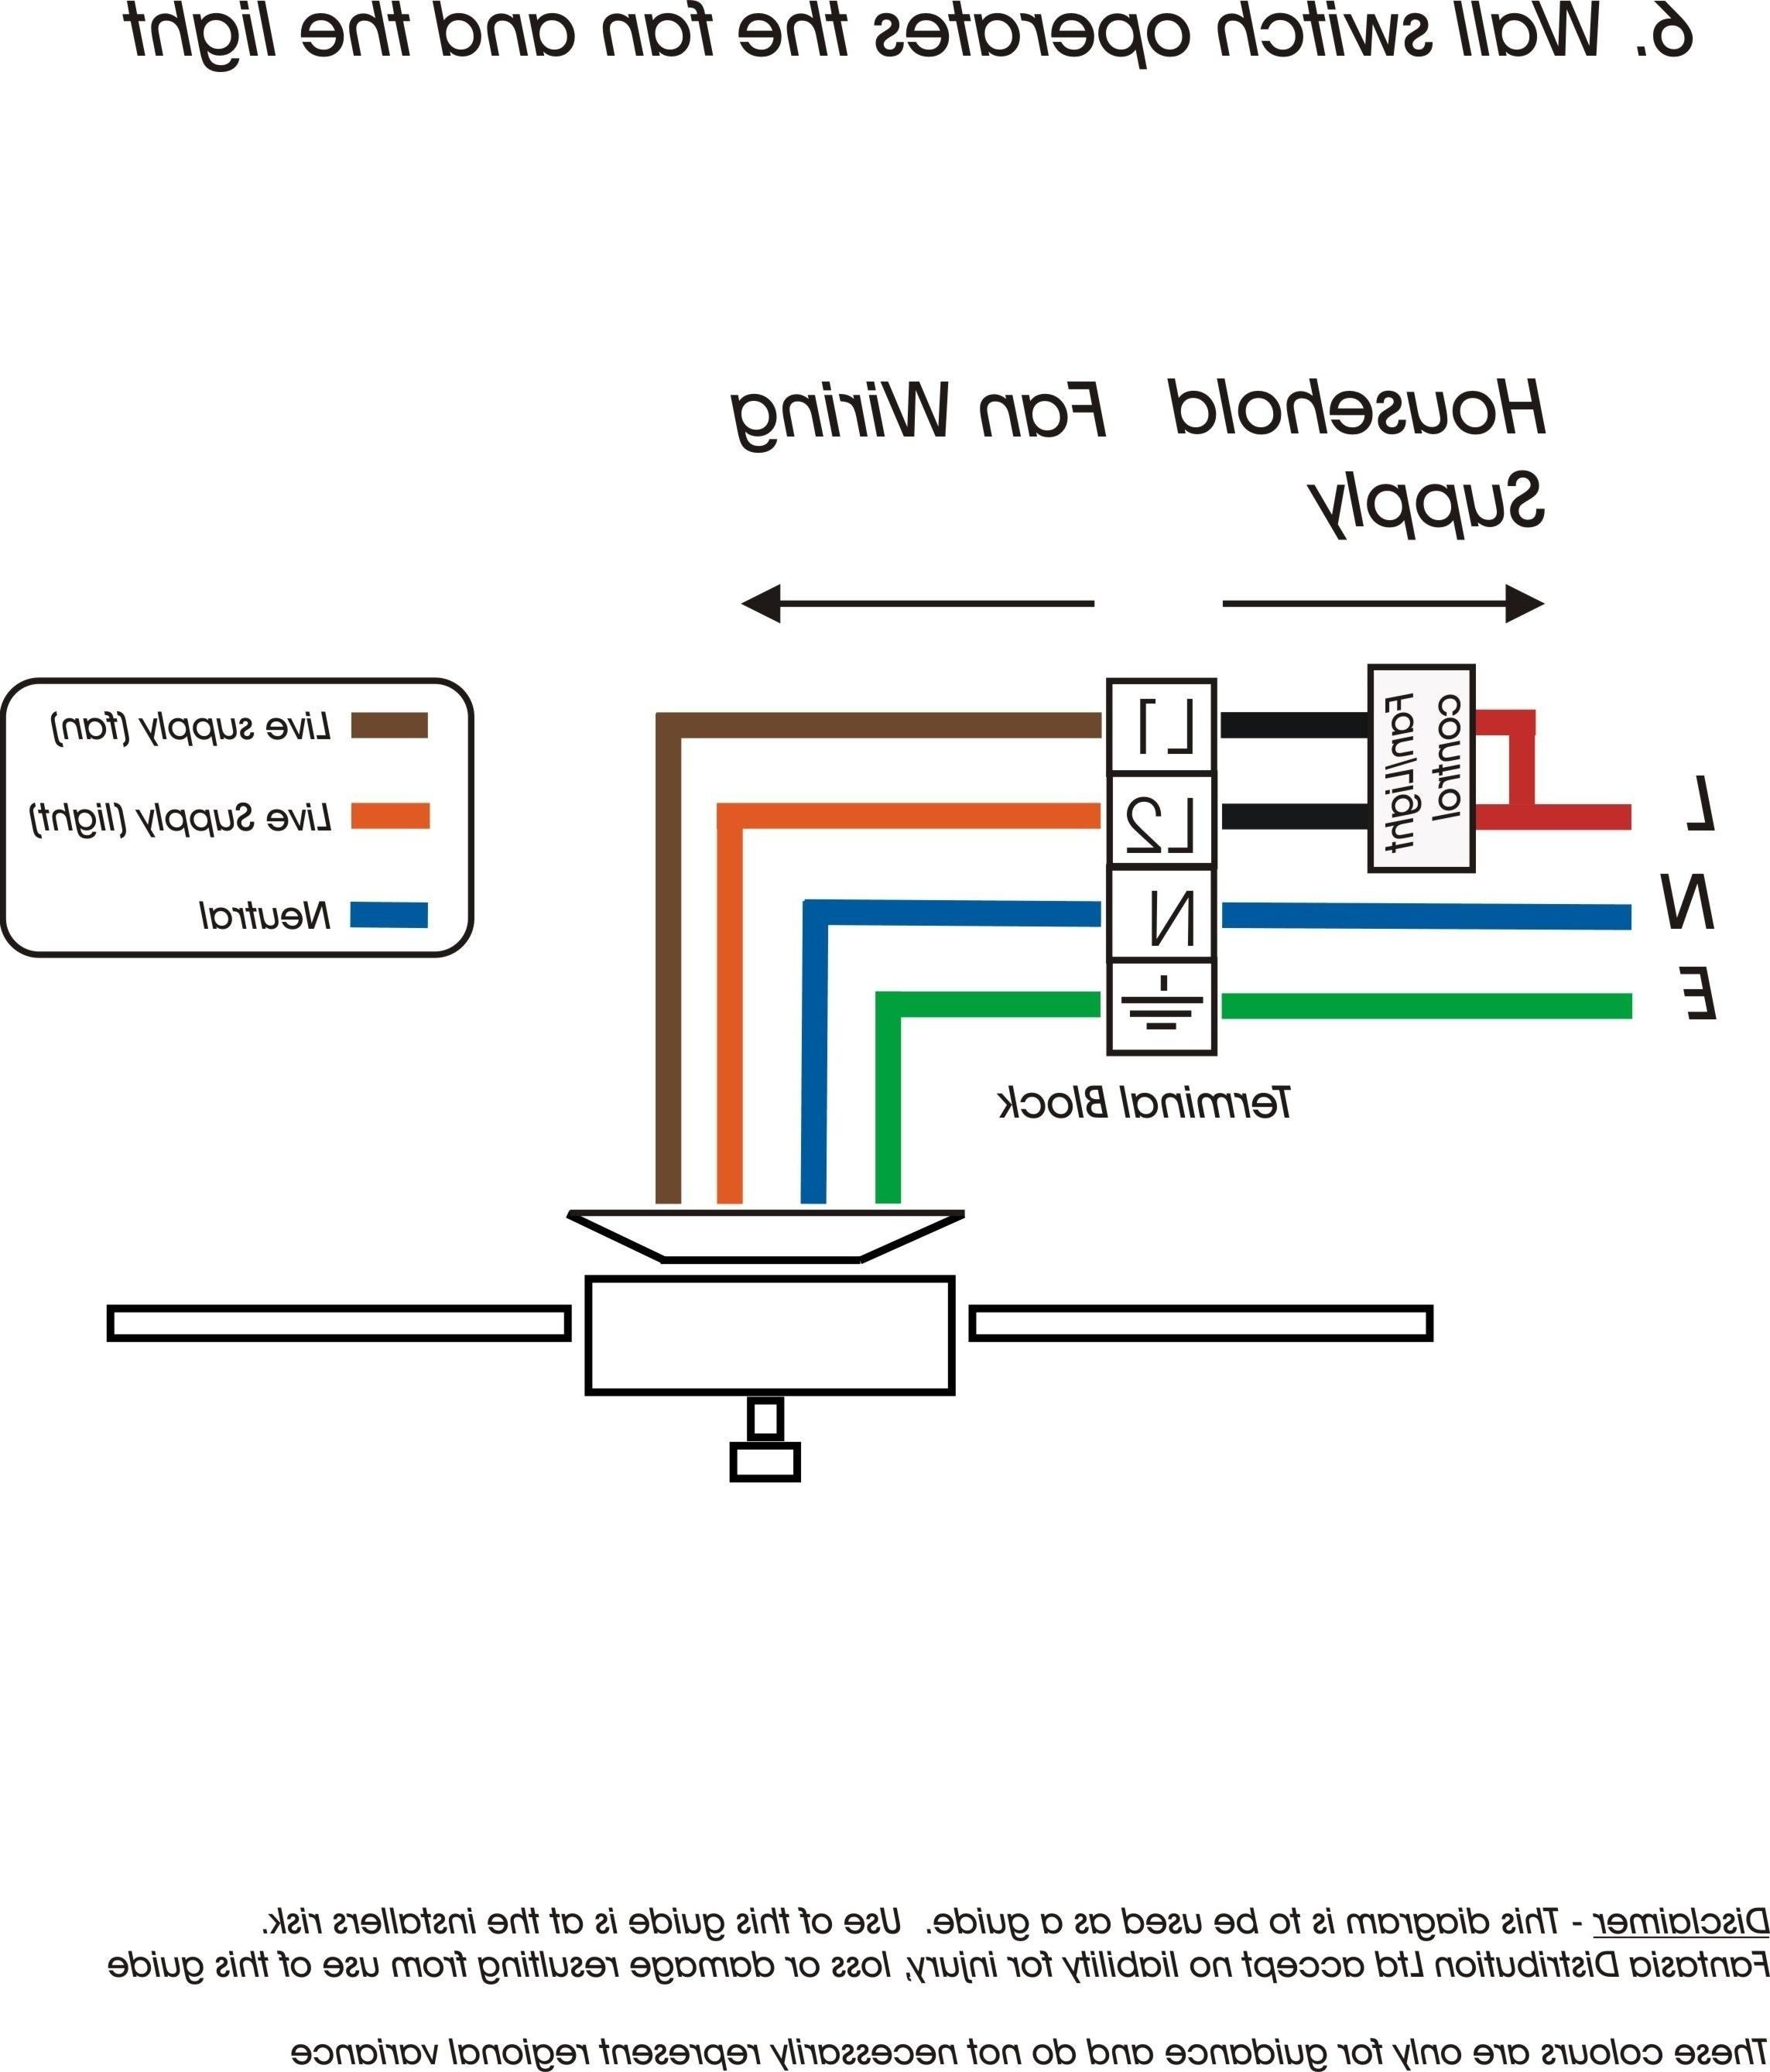 Car Alarm Installation Wiring Diagram Generator Changeover Switch Wiring Diagram Uk Sample Pdf Wiring Of Car Alarm Installation Wiring Diagram